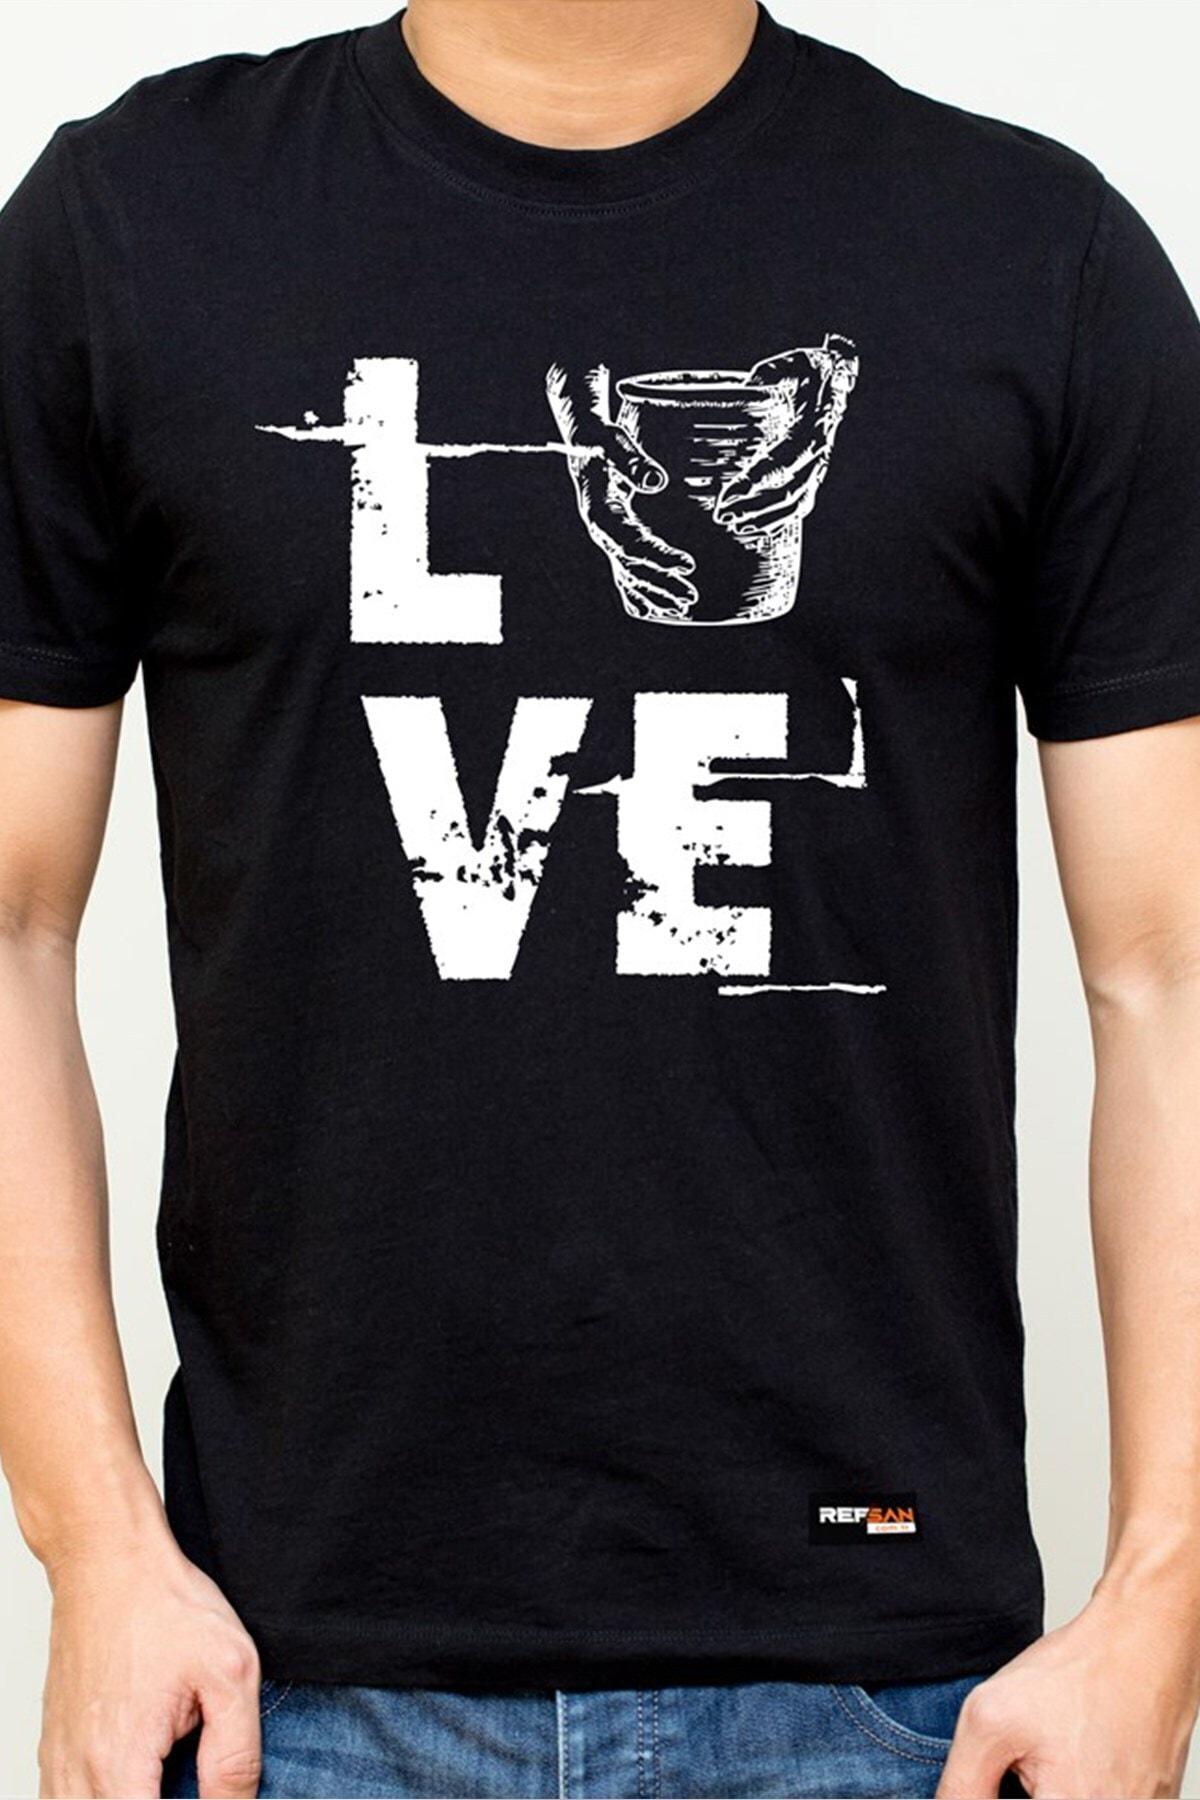 Ref-San Tasarım Tişört - Love 2